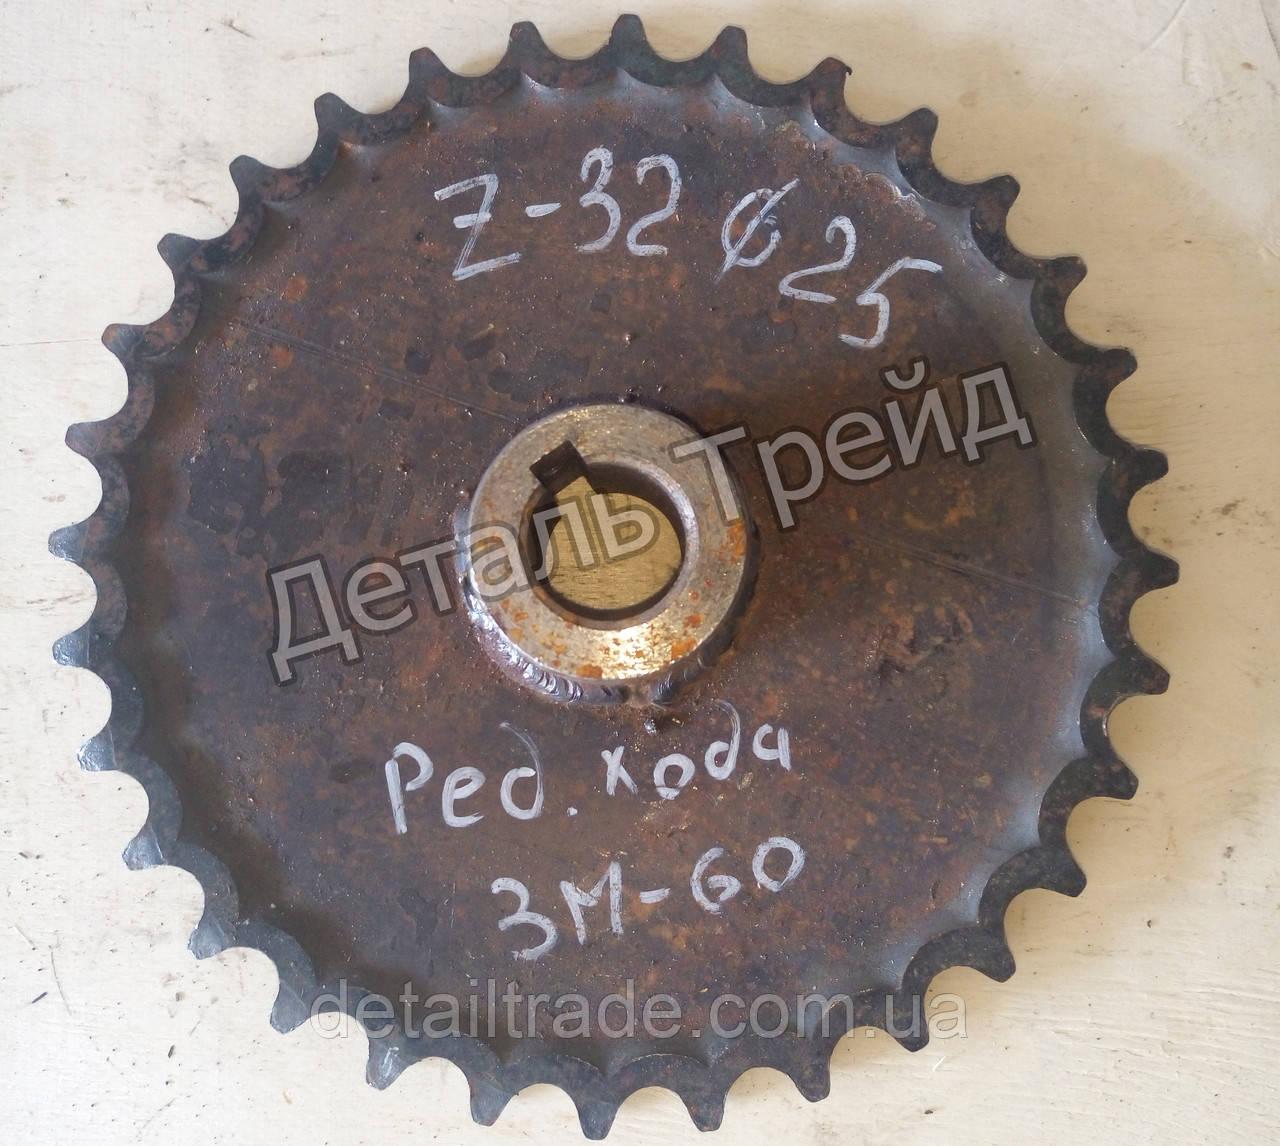 Звездочка Z-32, зернометателя, ЗП 07.060